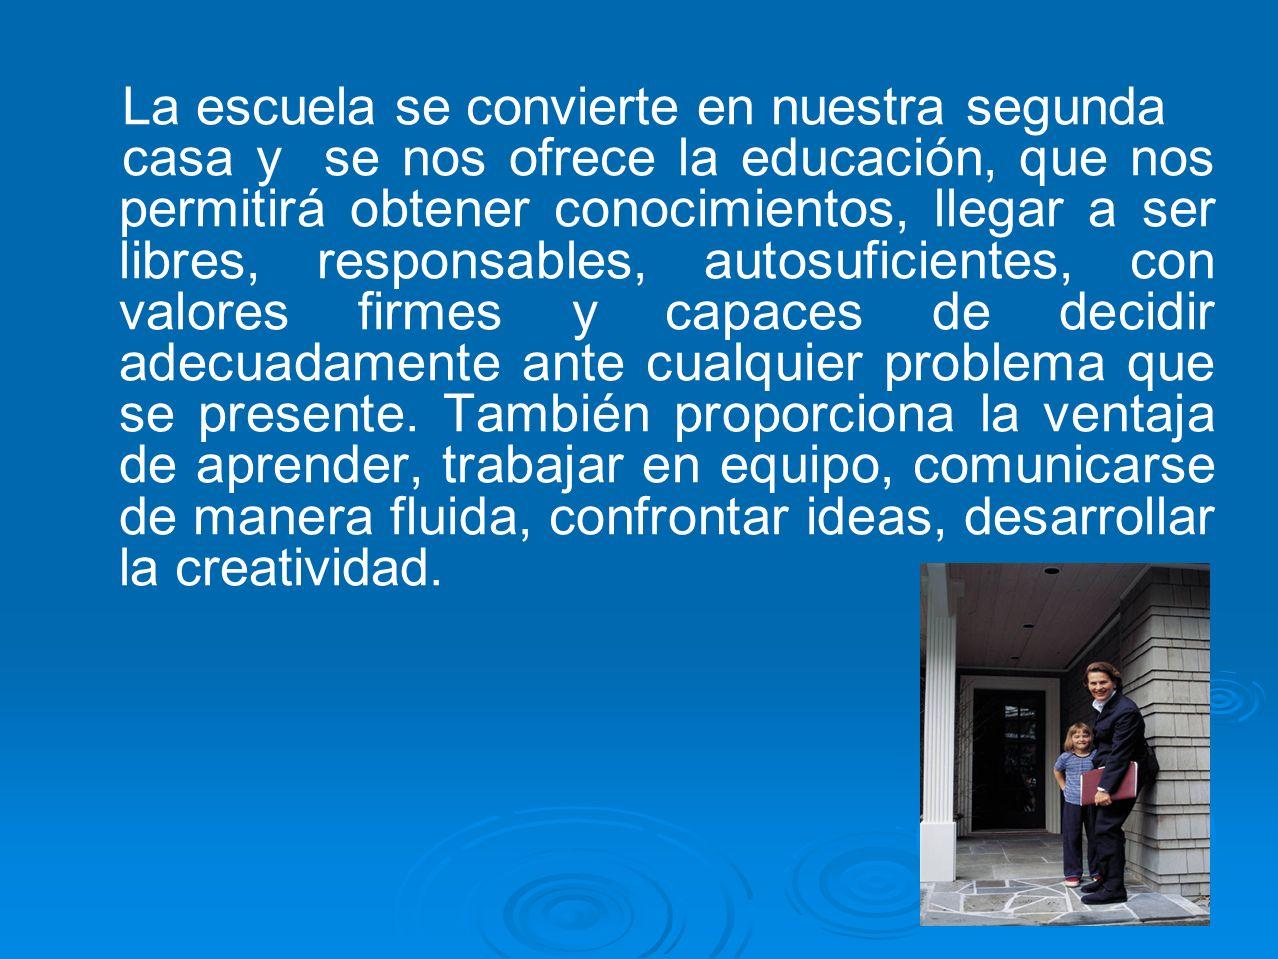 La escuela se convierte en nuestra segunda casa y se nos ofrece la educación, que nos permitirá obtener conocimientos, llegar a ser libres, responsabl